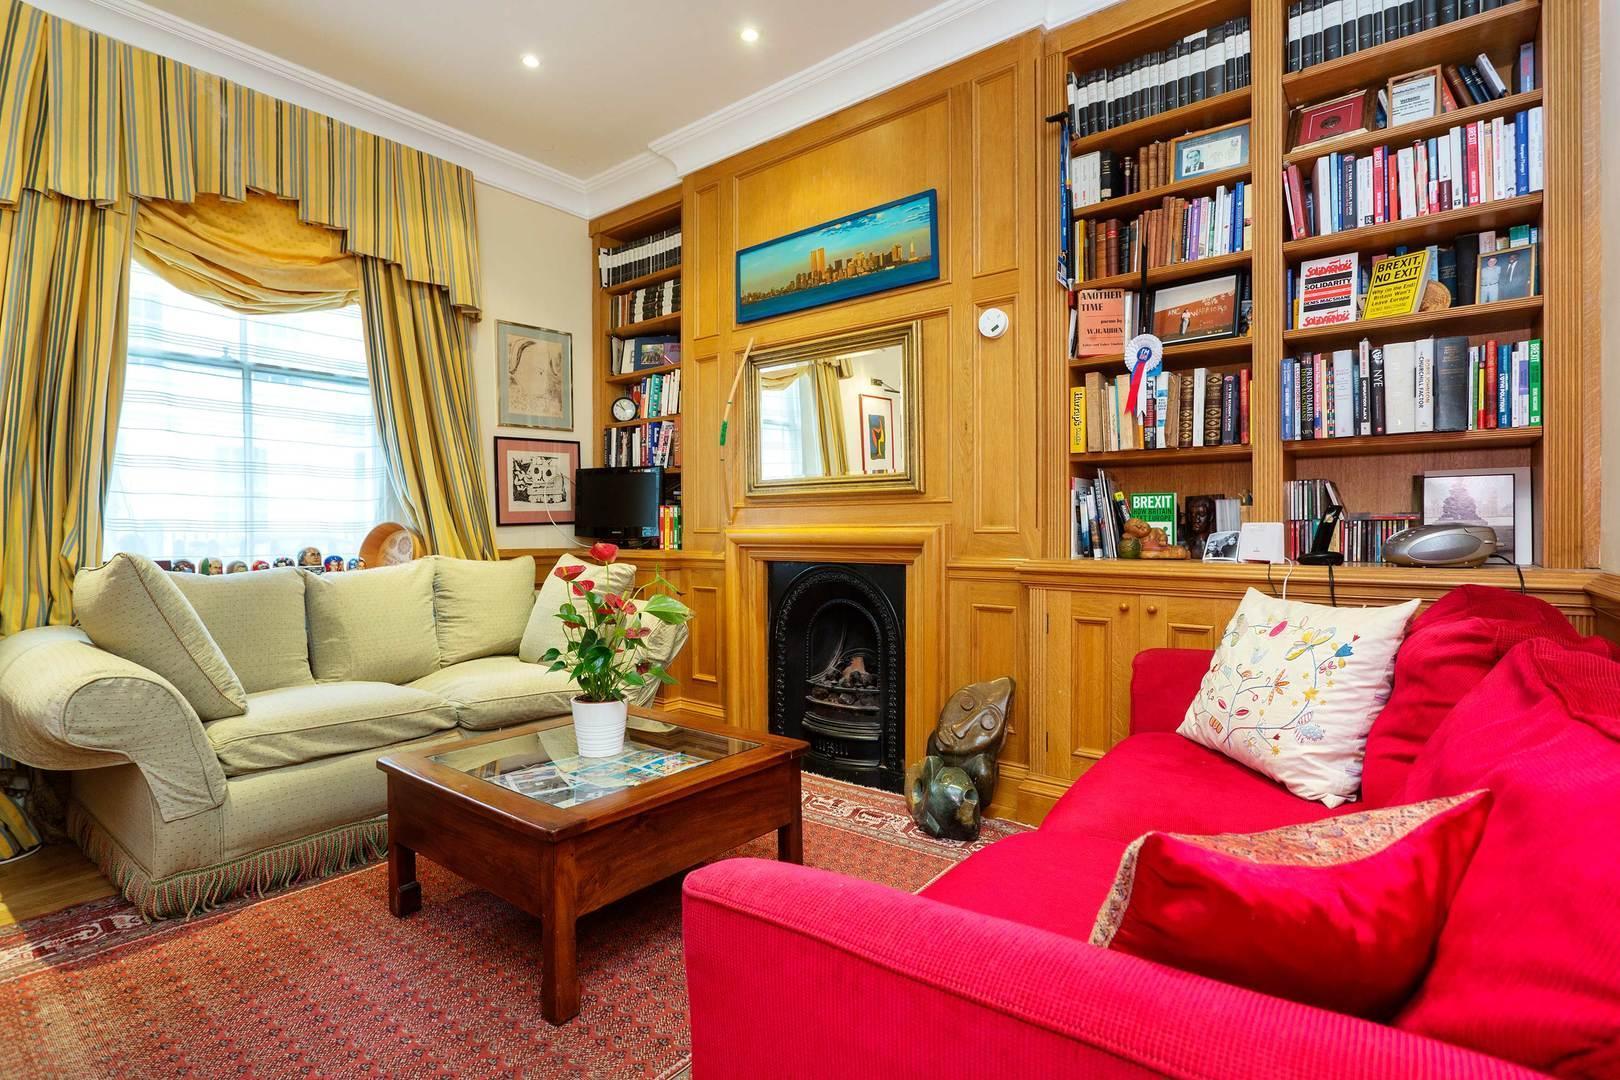 Pretty in Pimlico Reviews